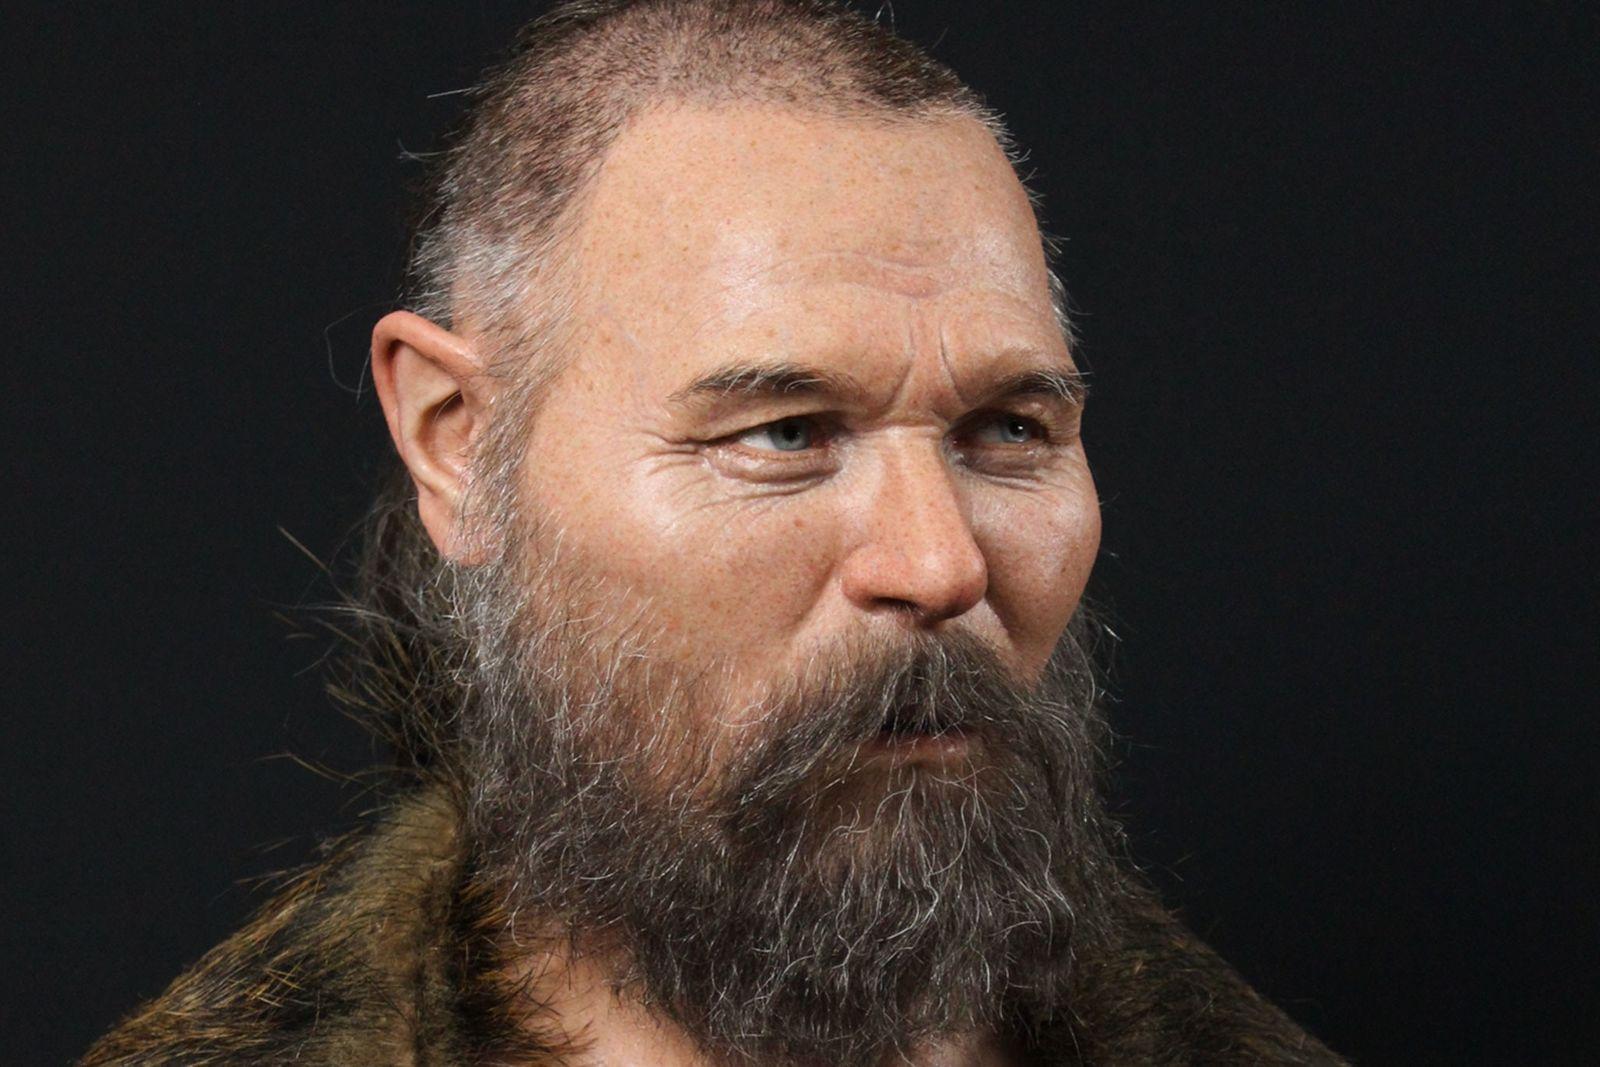 Exclusiva: Reconstruyen el cráneo de un hombre escandinavo que vivió hace 8000 años